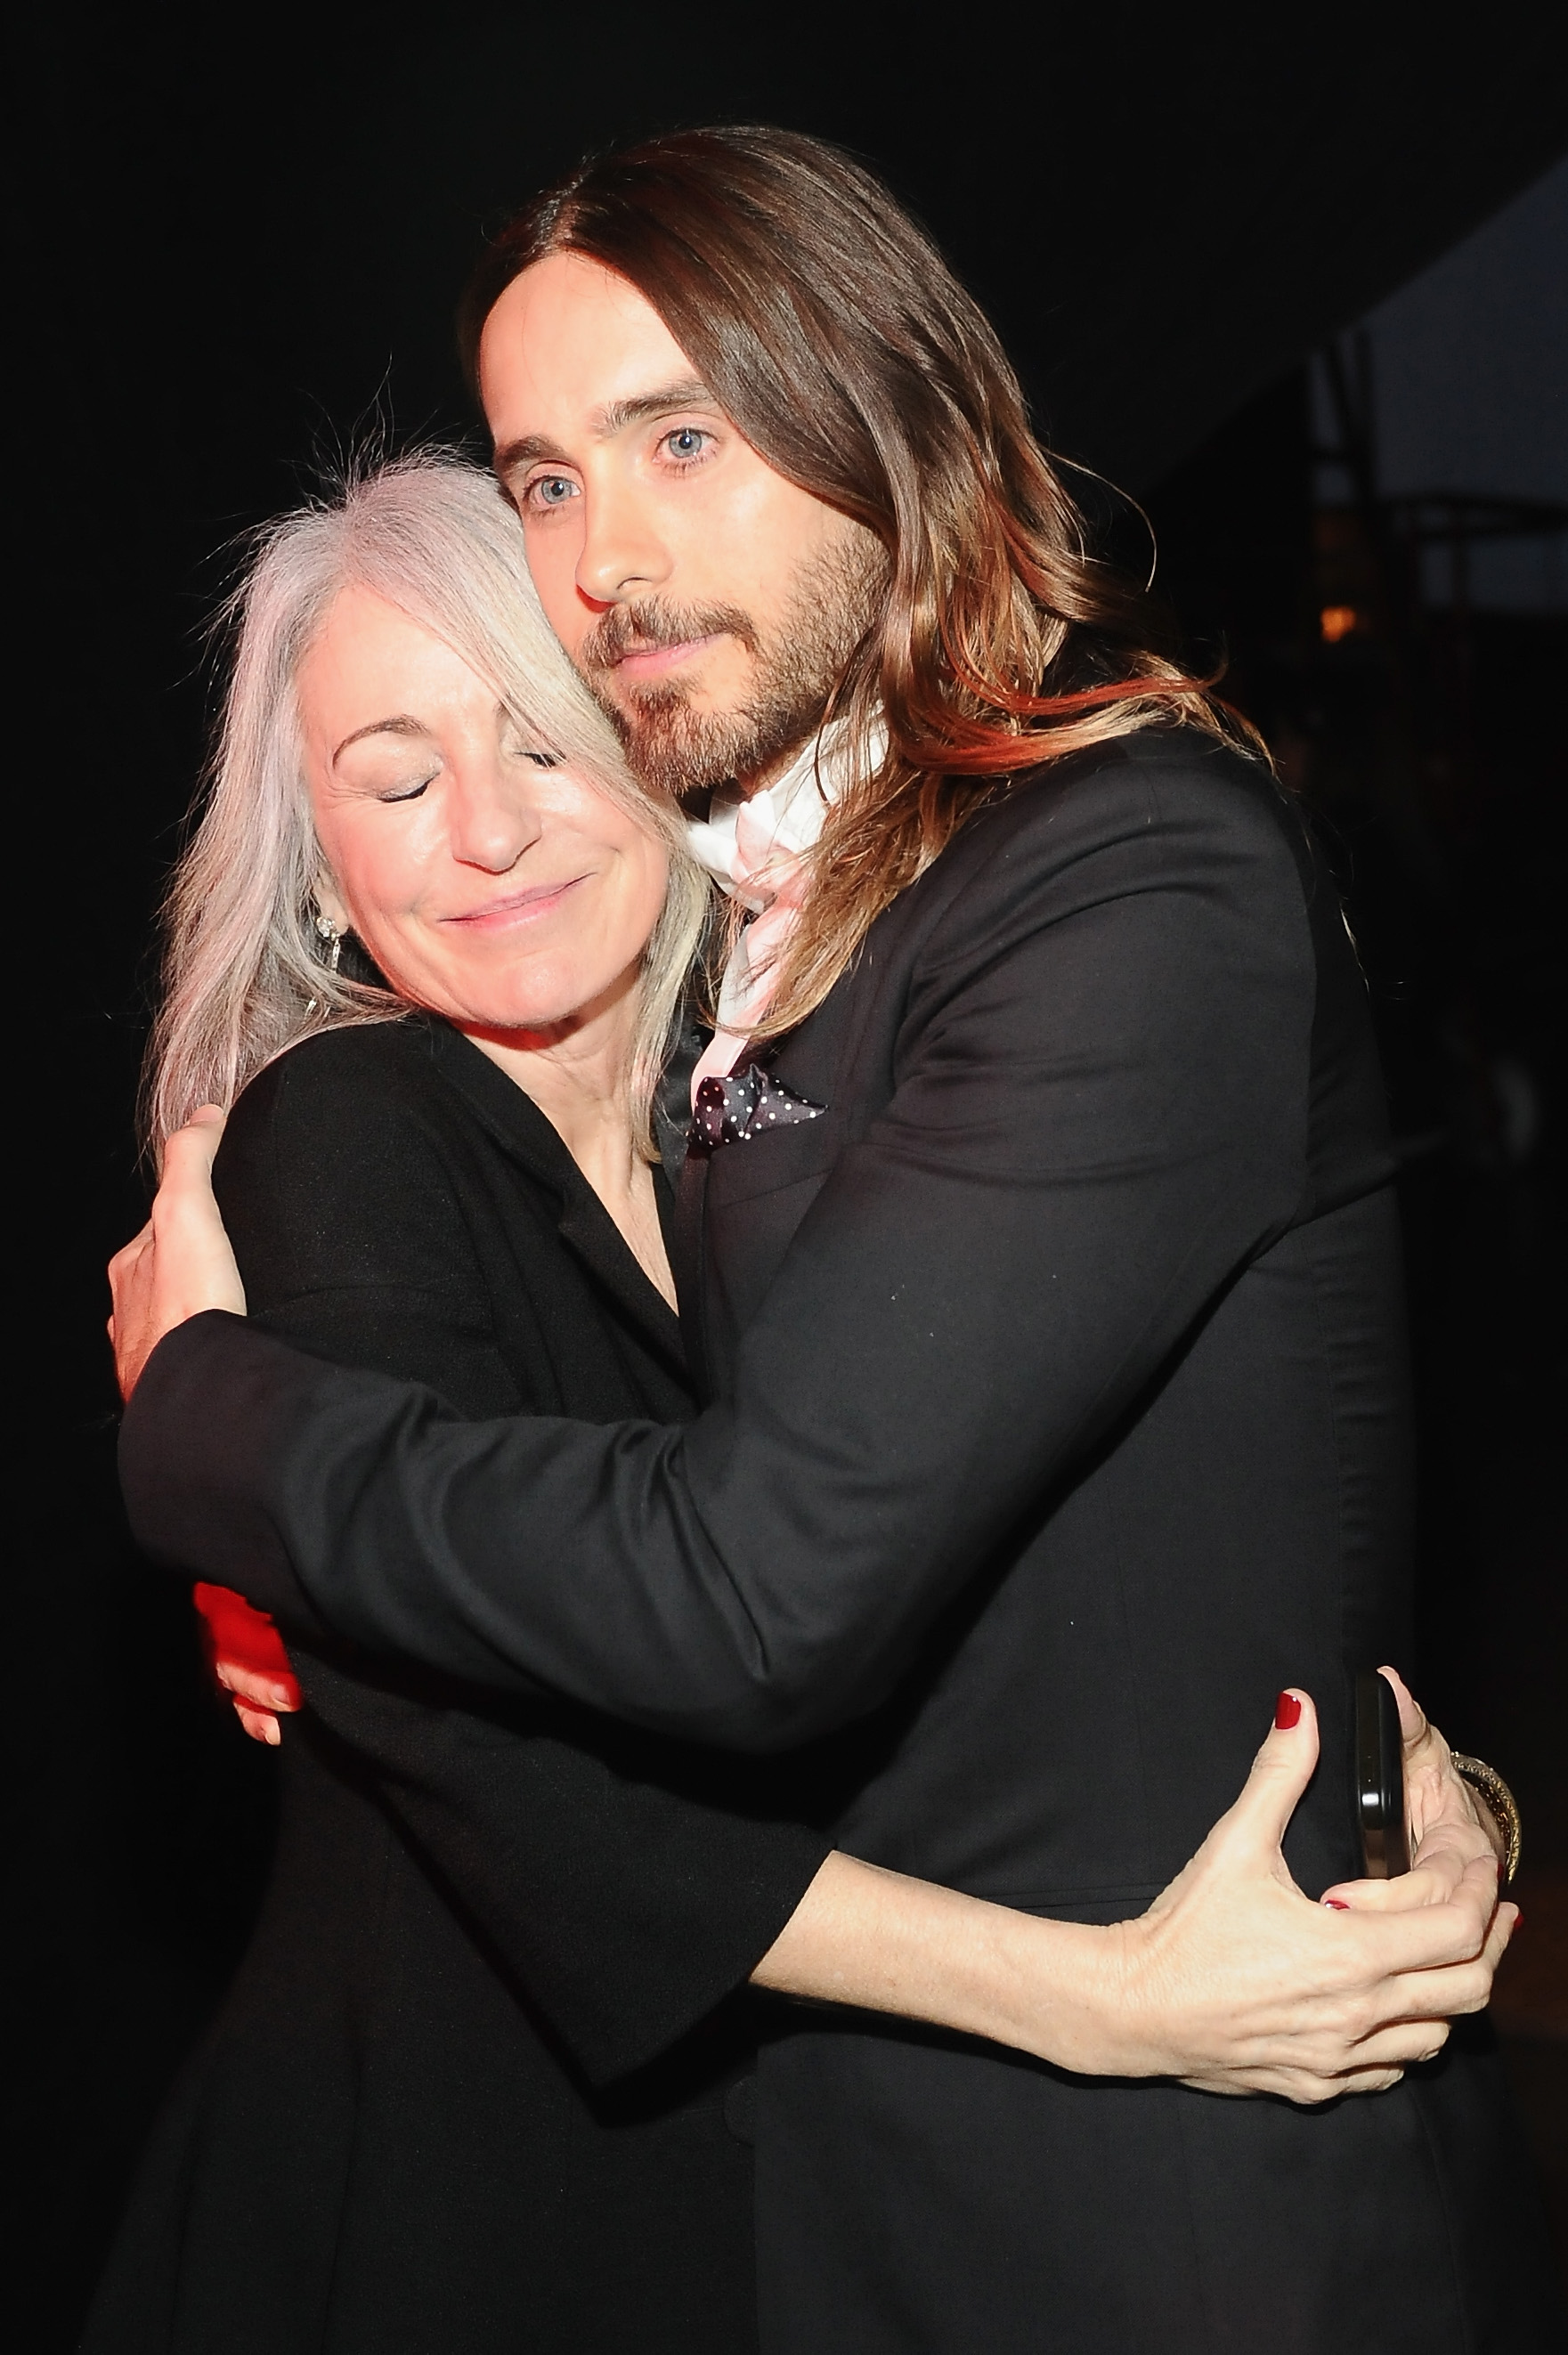 Jared Leto 與母親 Constance Leto